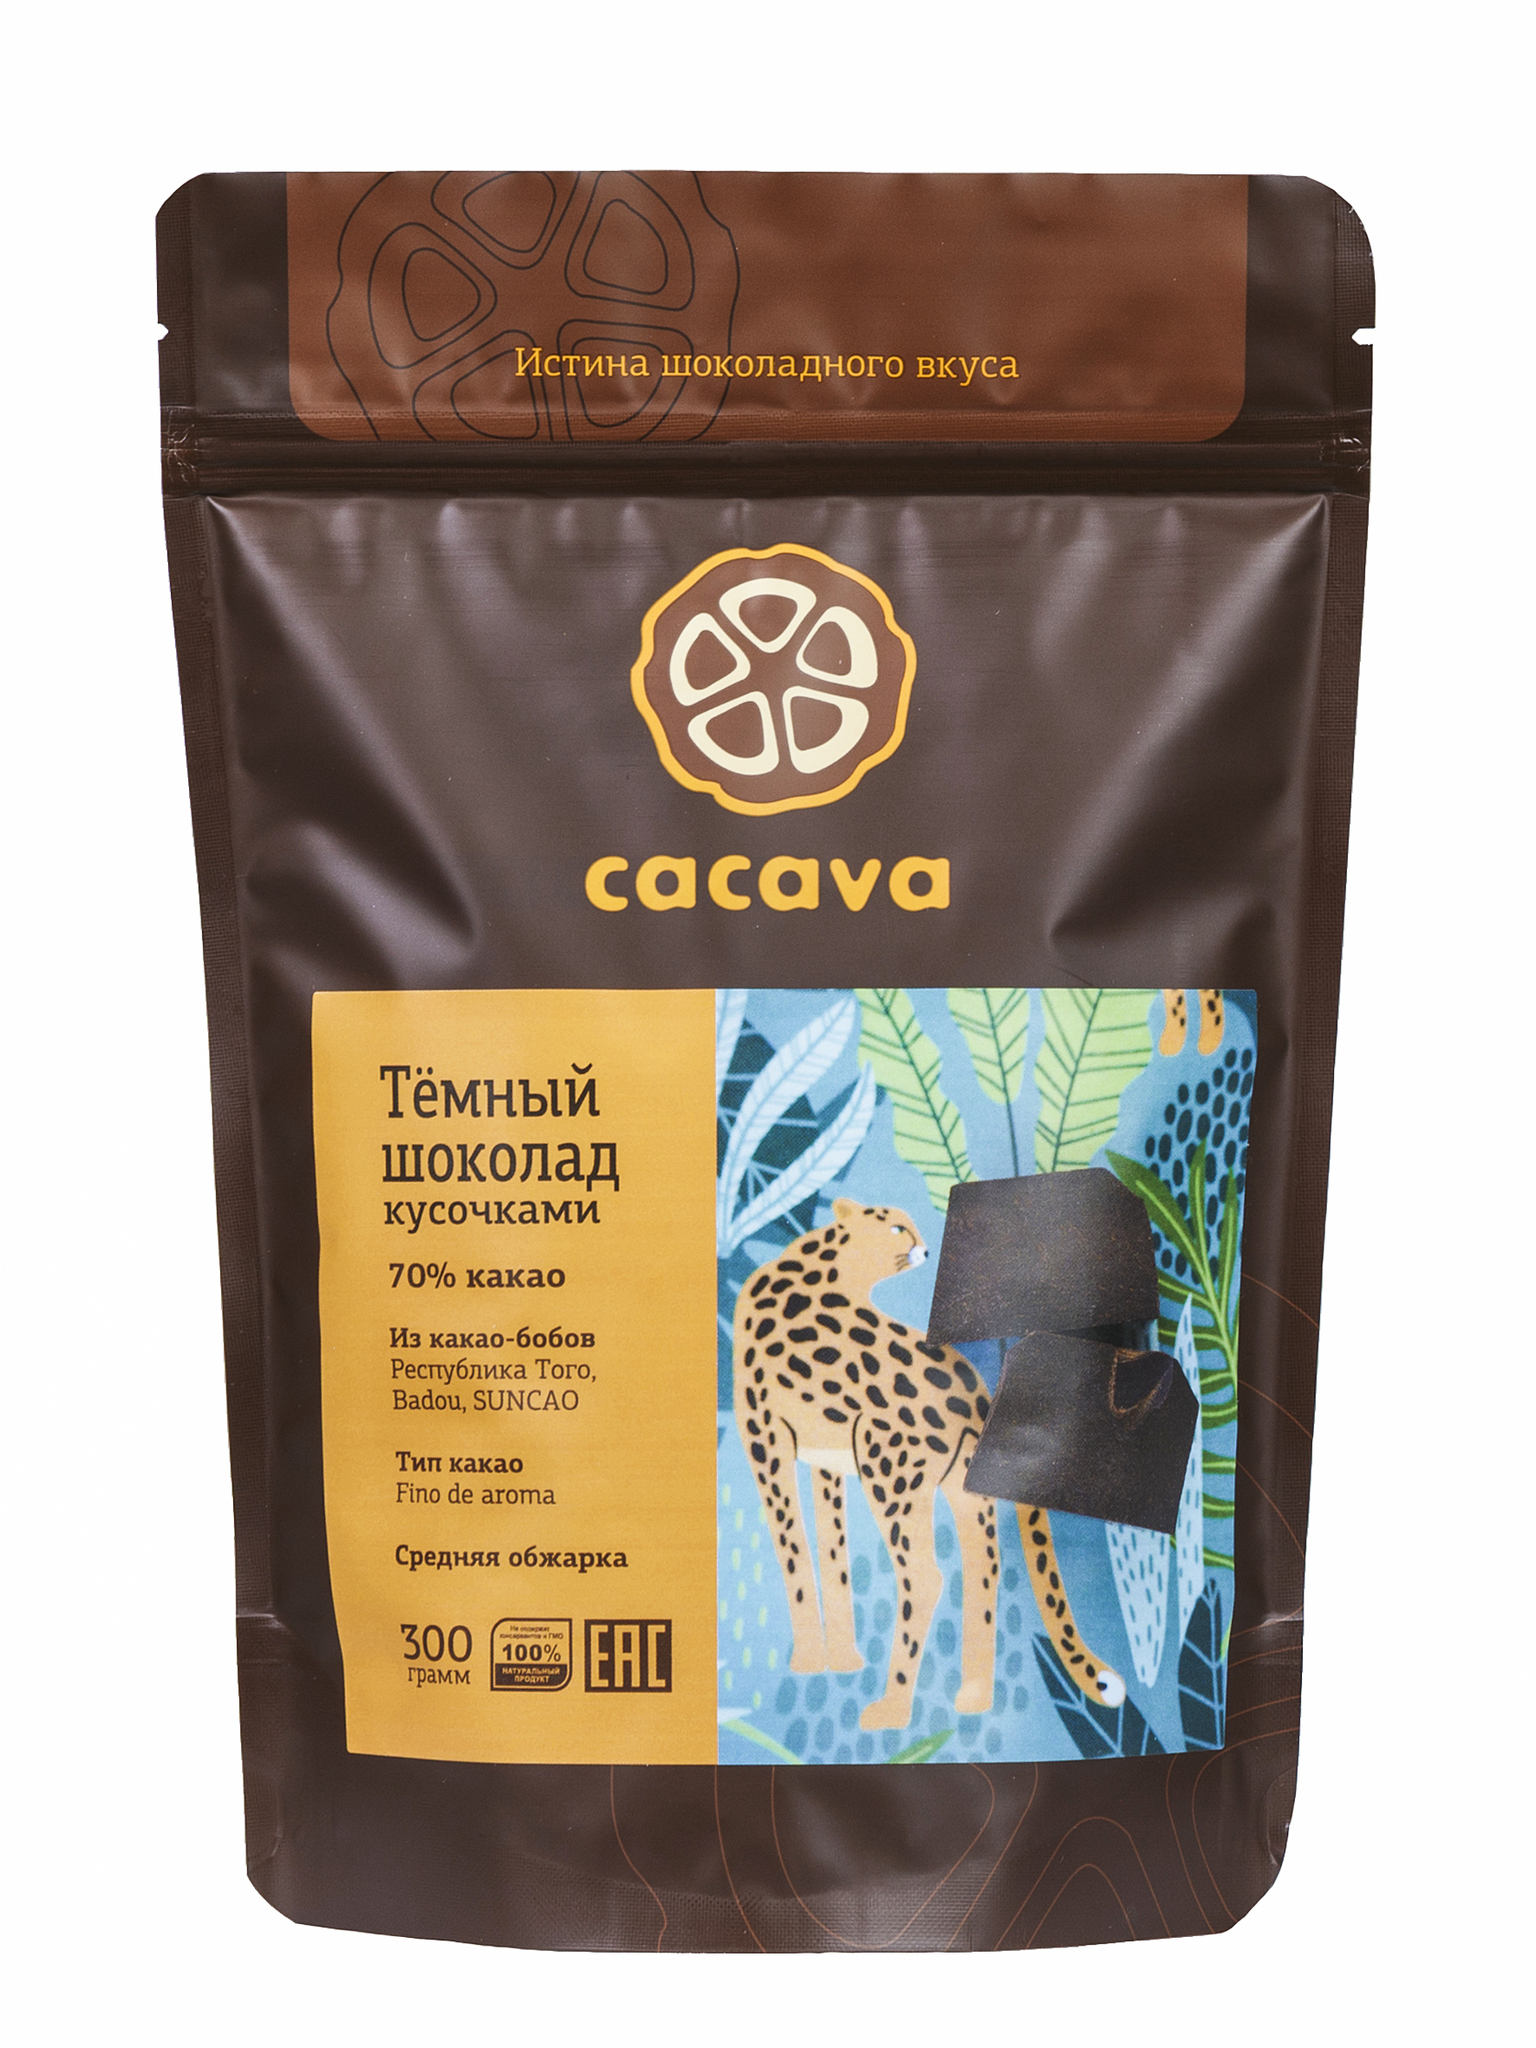 Тёмный шоколад 70 % какао (Того, Badou), упаковка 300 грамм